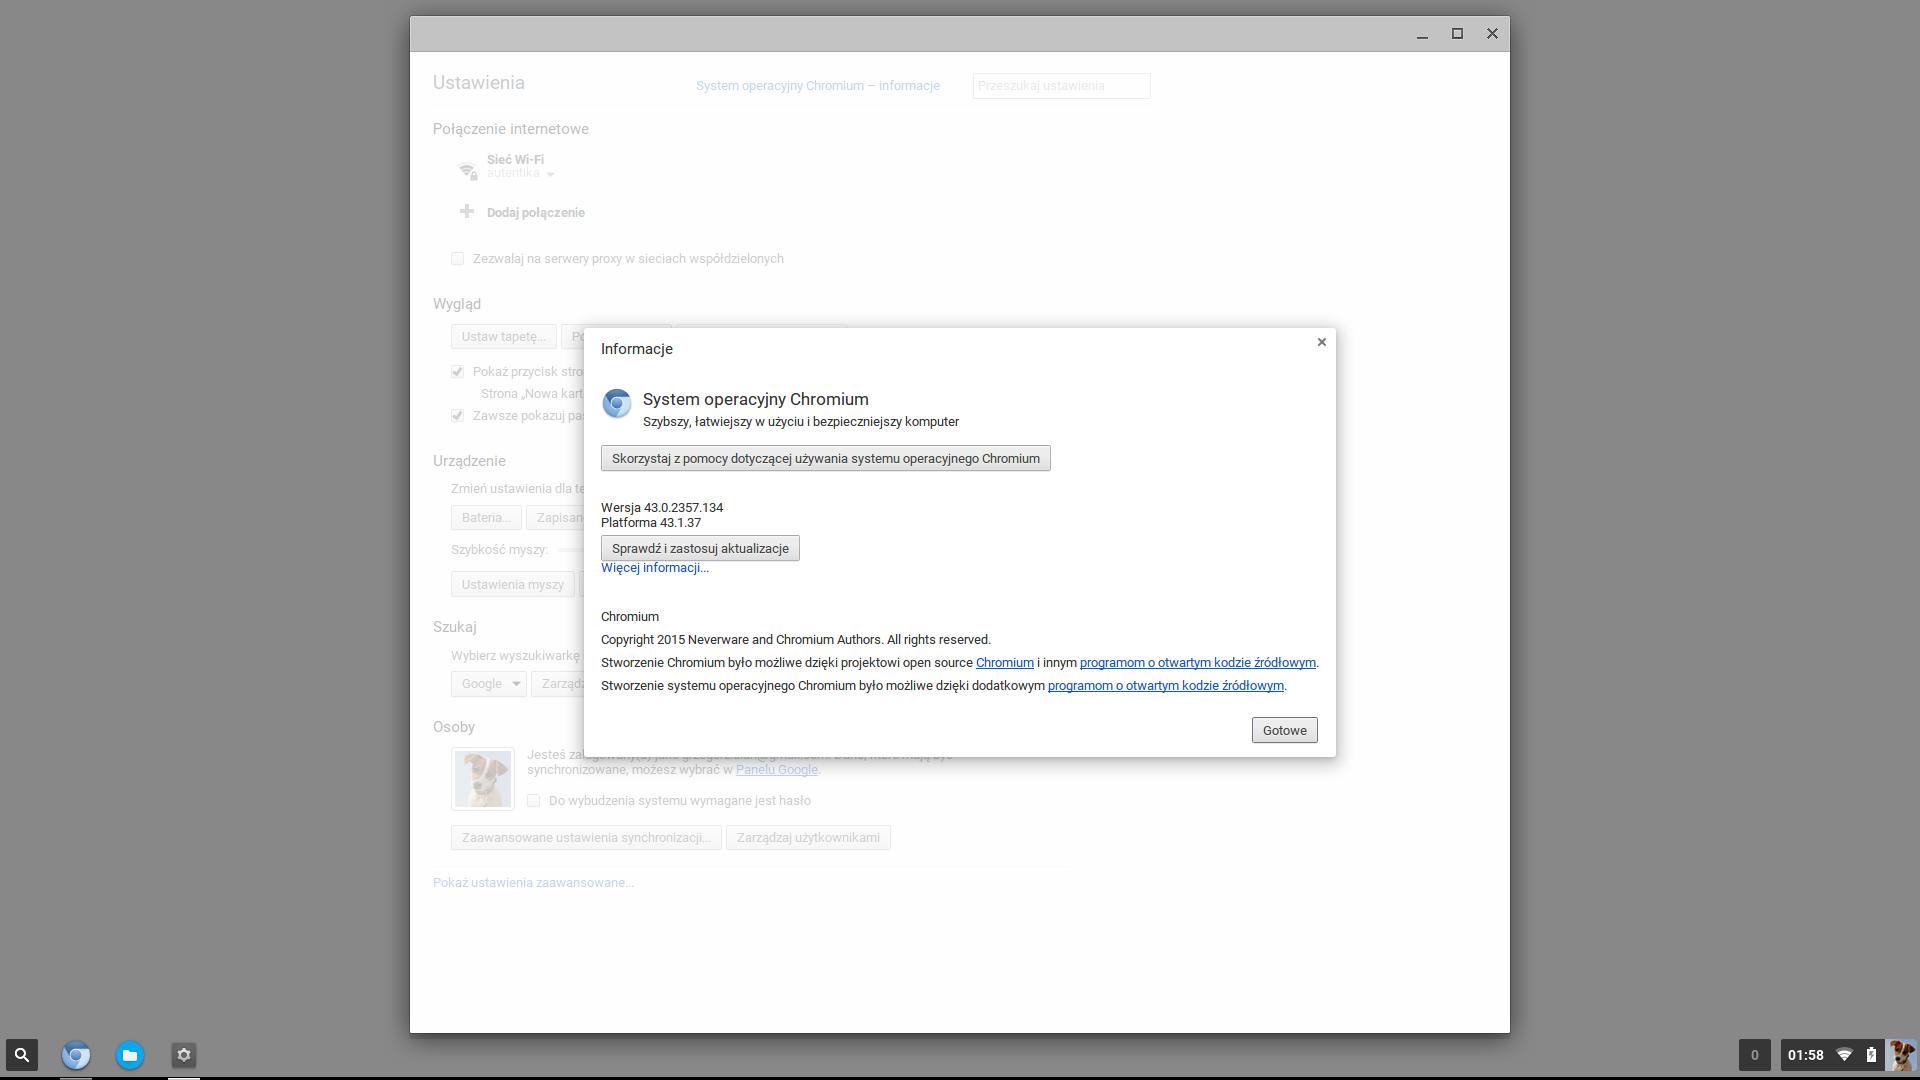 Screenshot 2015-10-20 at 01.58.53